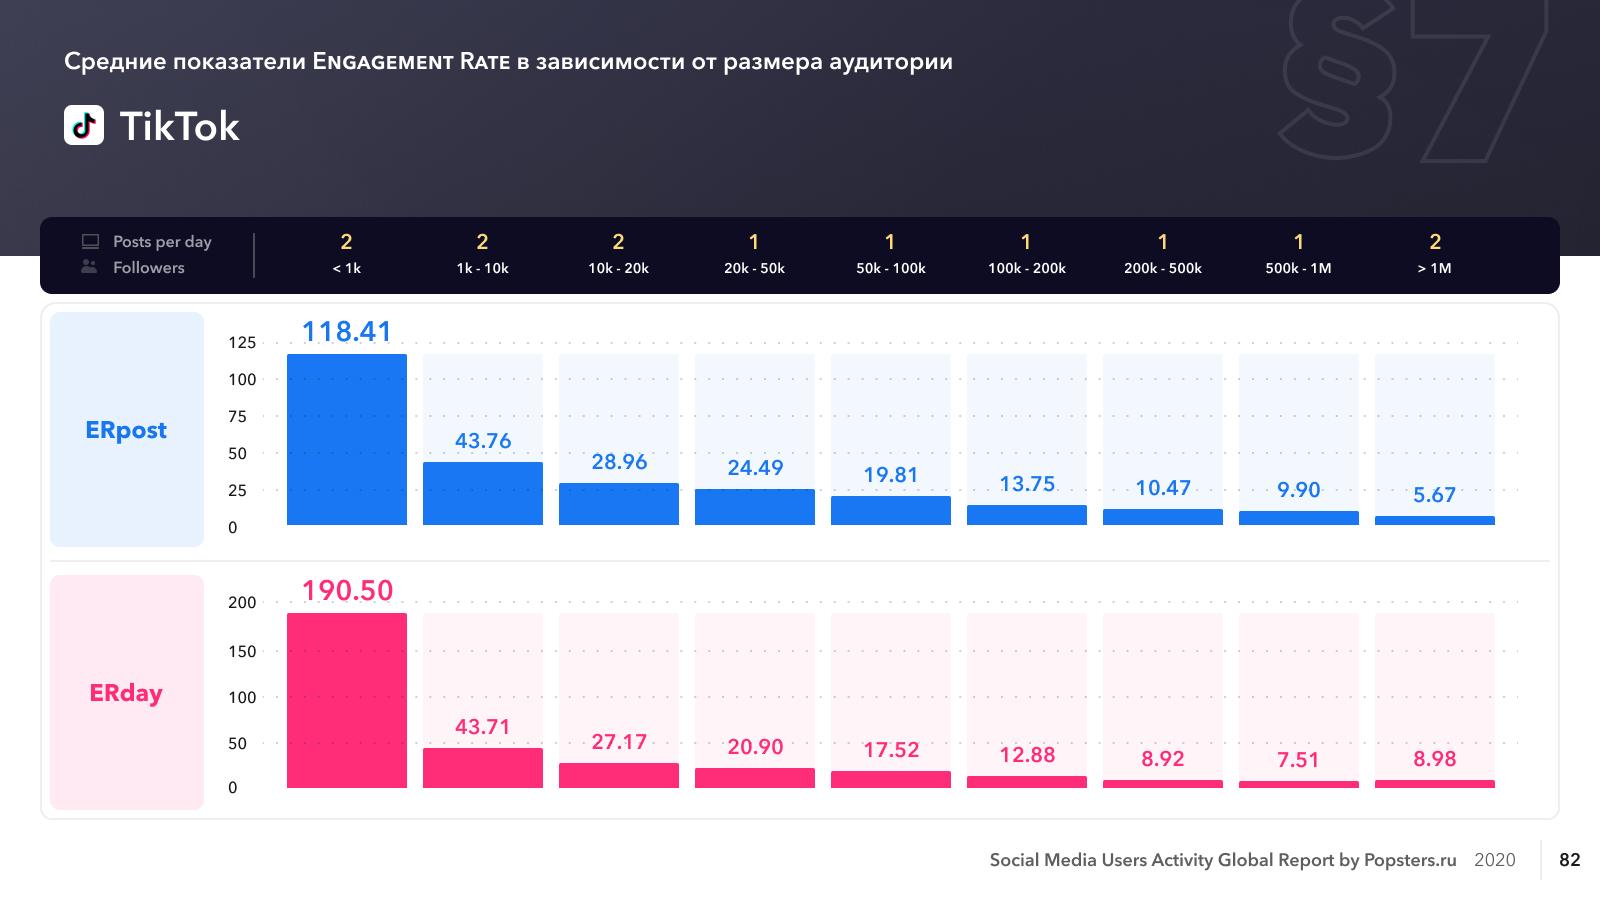 TikTok: средний уровень вовлеченности страниц по количеству подписчиков - 2020